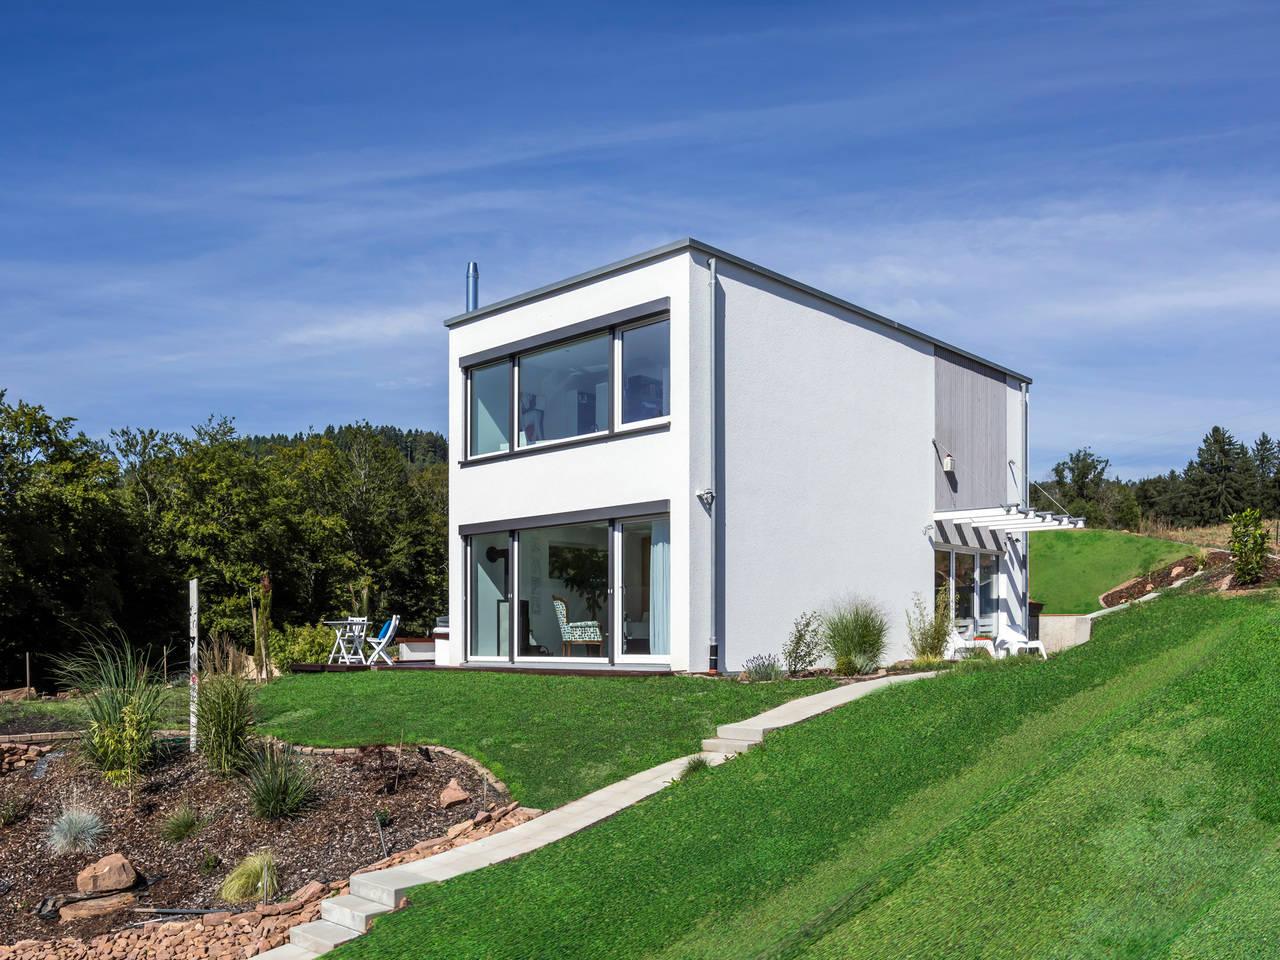 Kitzlingerhaus Bettenhausen - Seitliche Ansicht